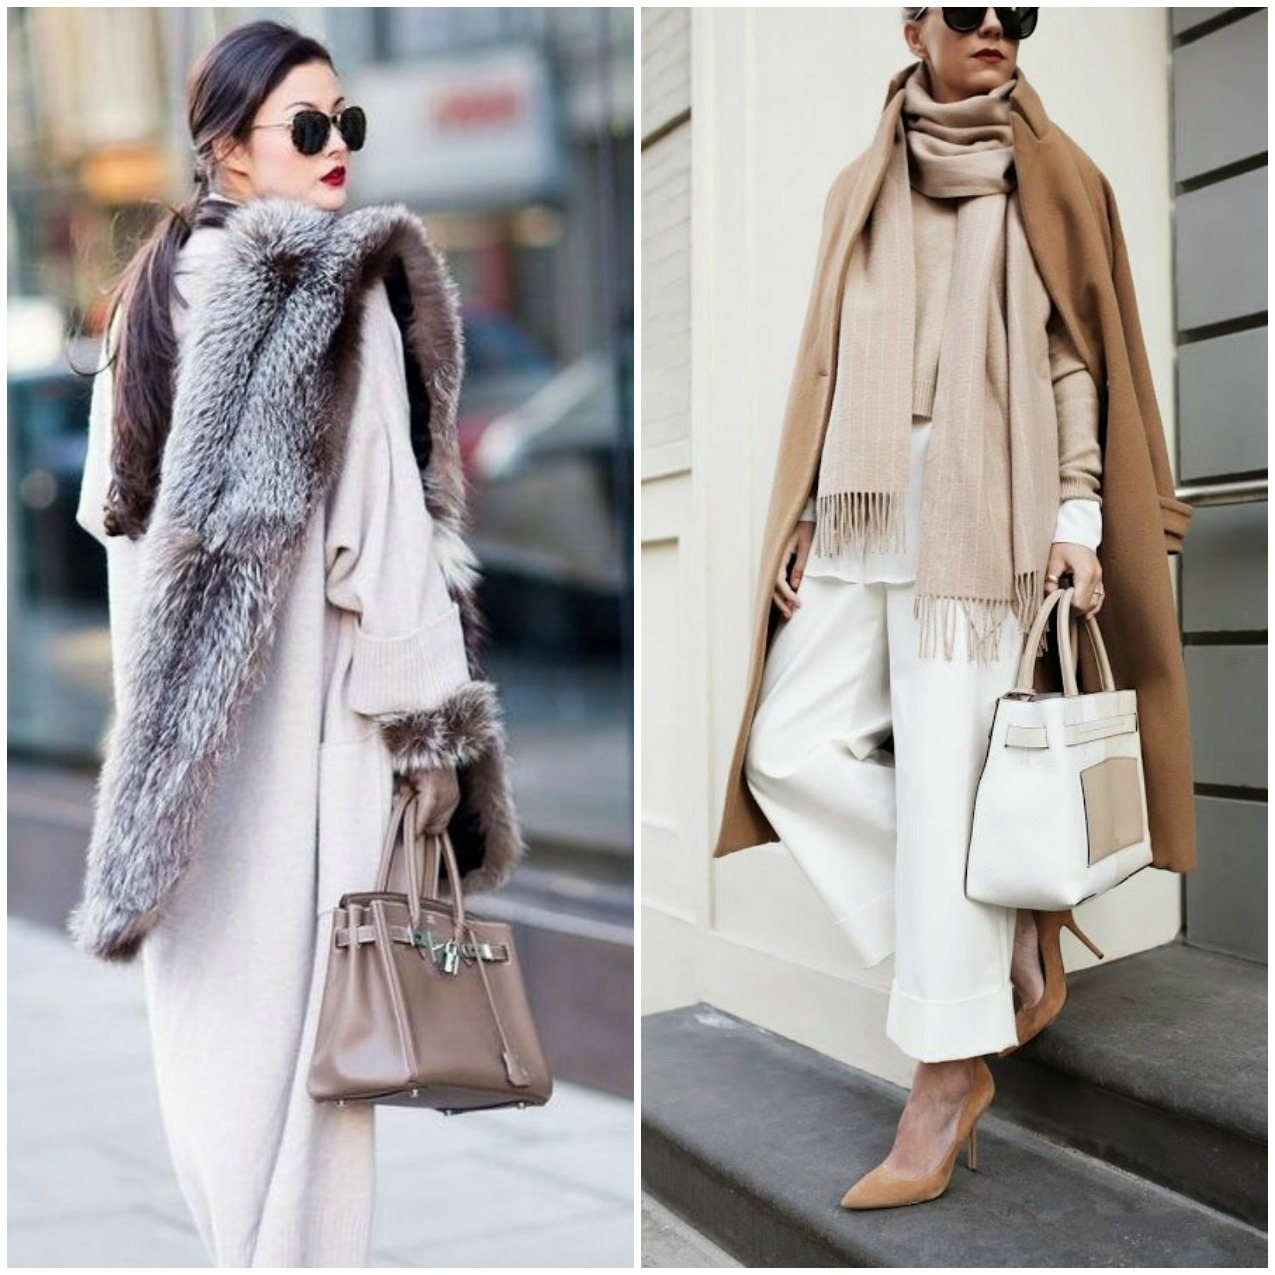 Style corner: come vestirsi d'inverno - ispirazione outfit